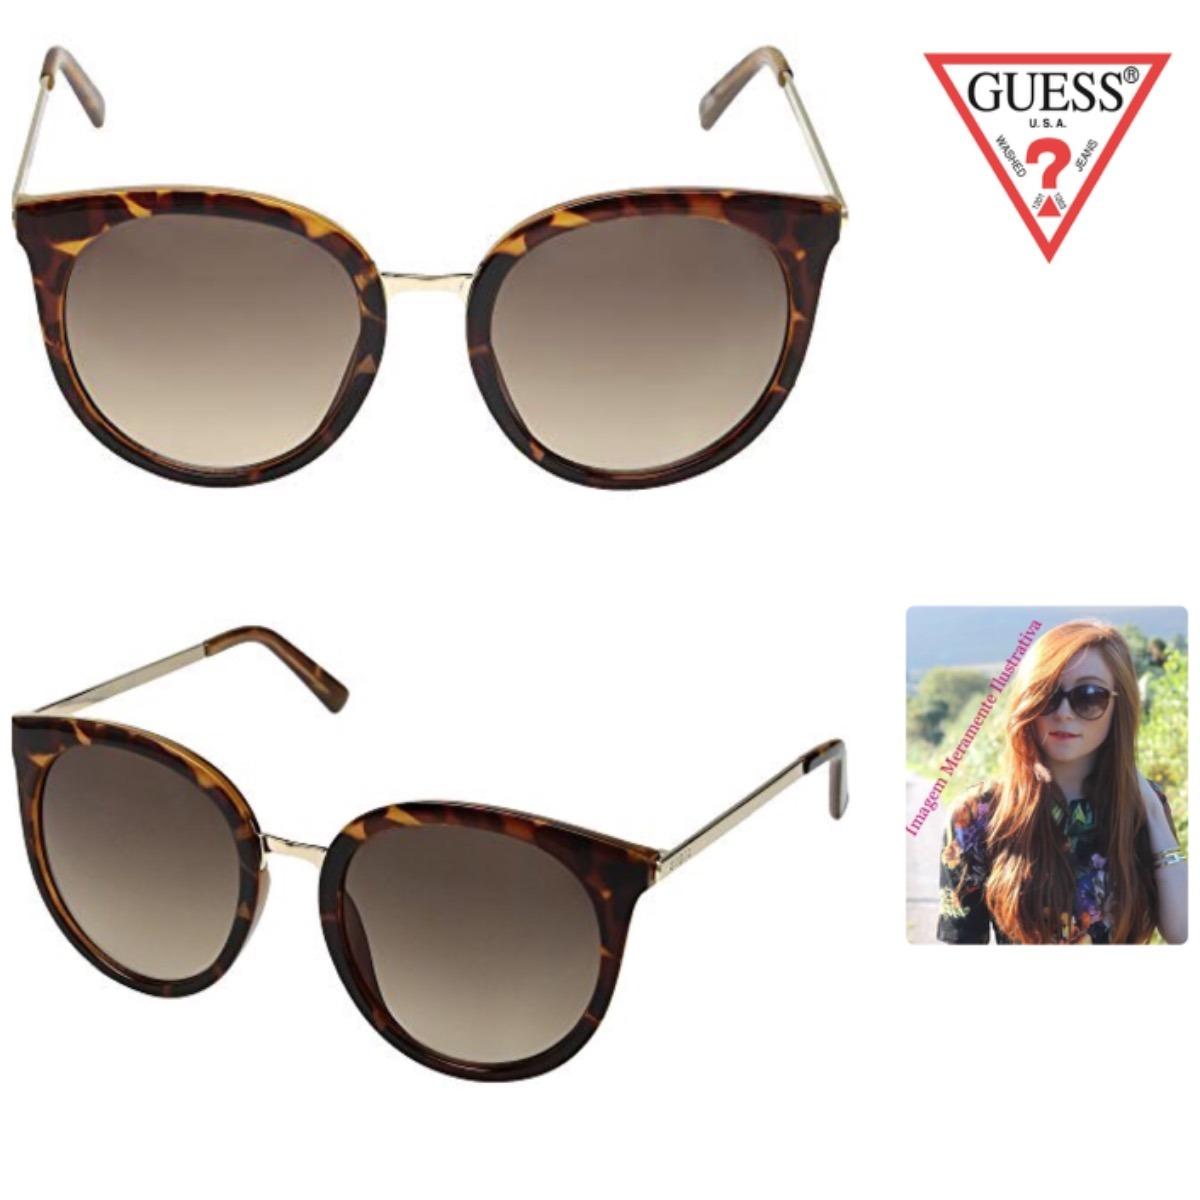 298e97991b5f7 Óculos De Sol De Gatinha Guess Original Sem Estojo - R  166